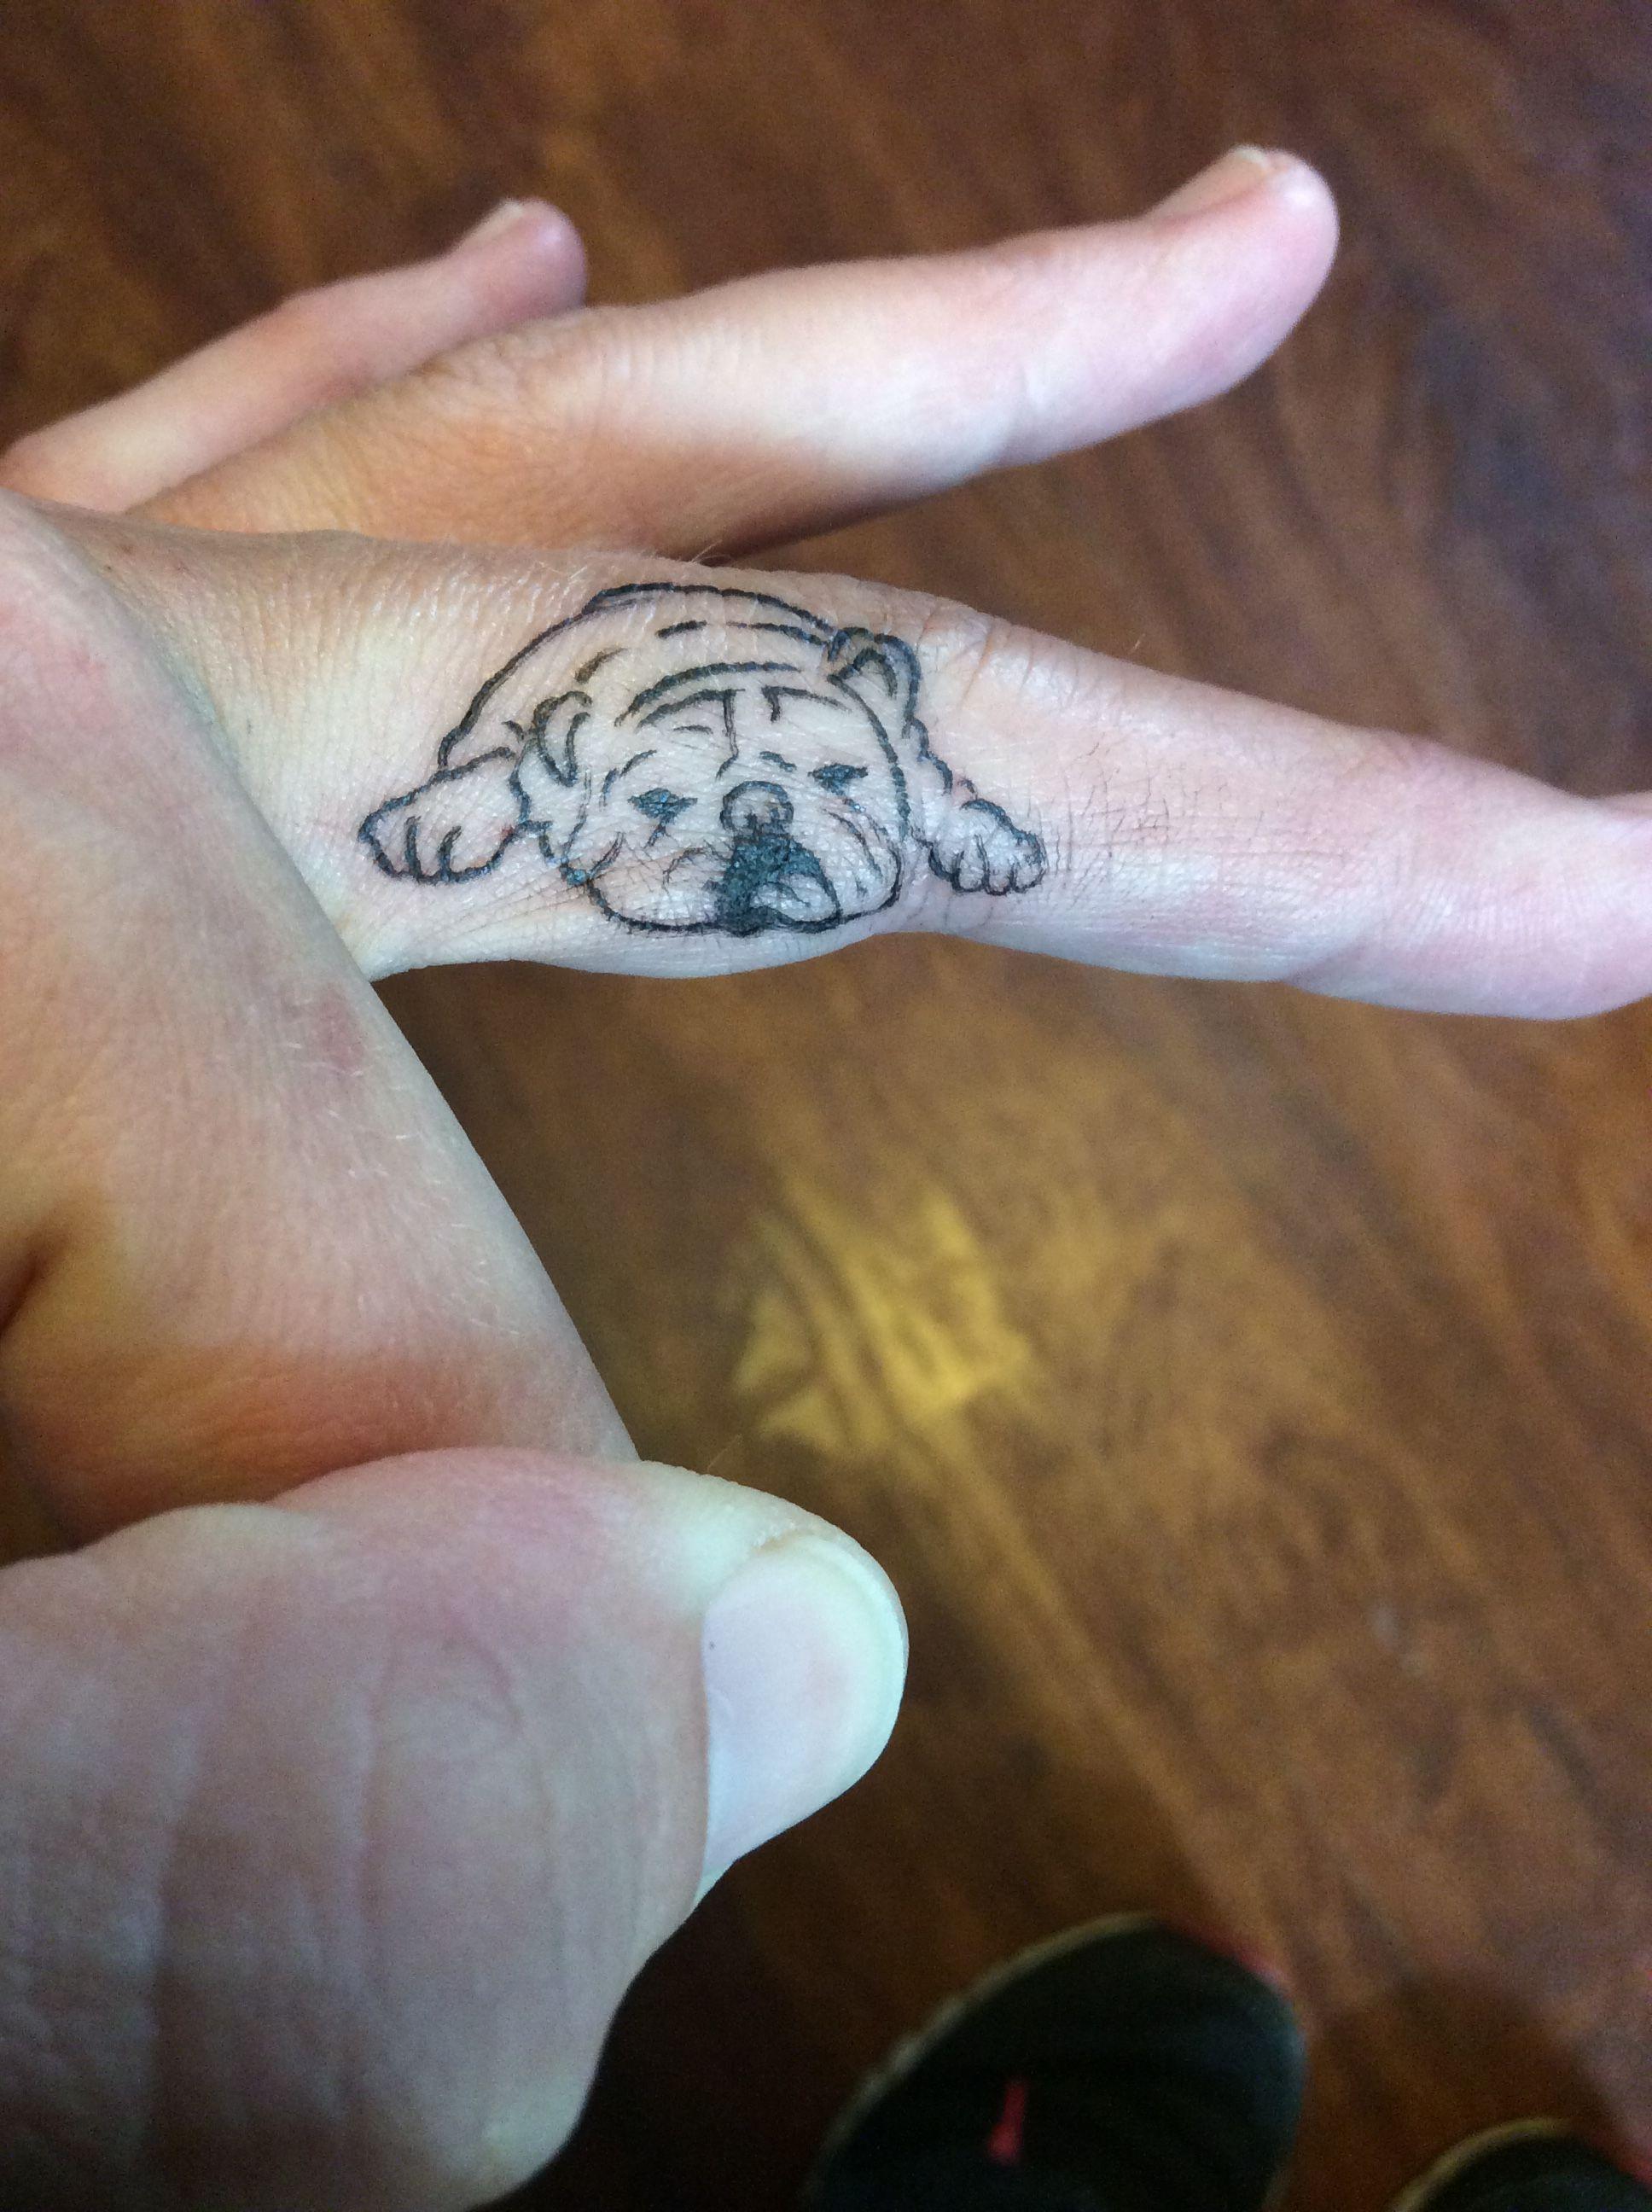 Bulldog finger tattoo | Tattoos | Bulldog tattoo, Finger tattoos ...